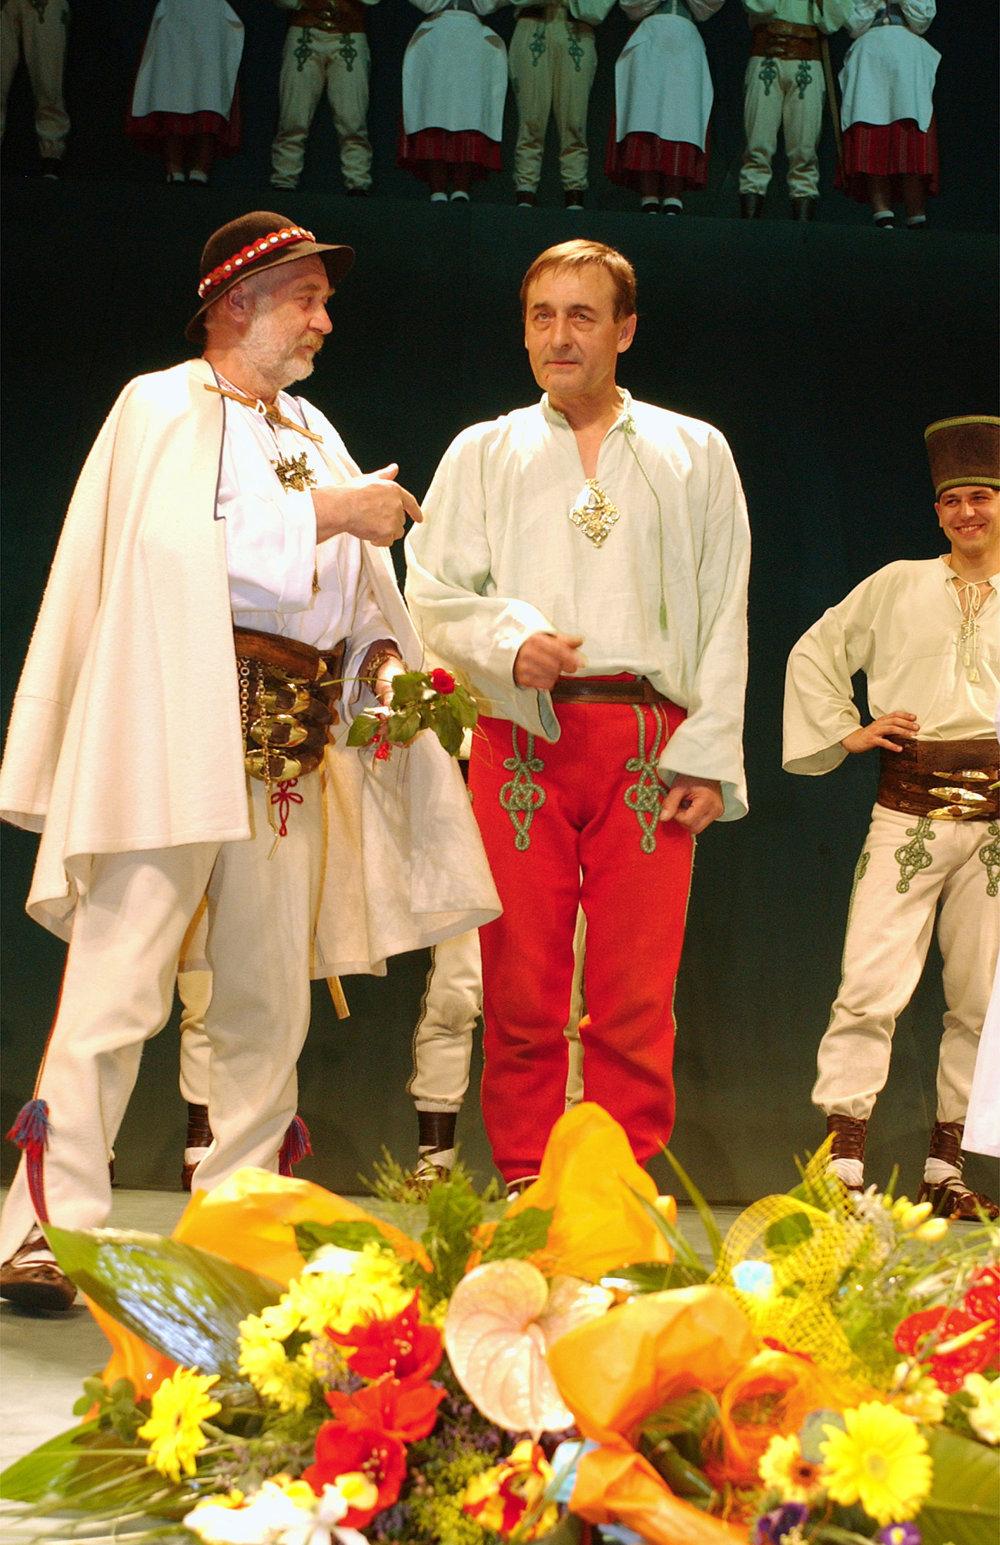 Na sn. M. Dočolomanskému pri príležitosti jeho 60. narodenín, ktoré oslávil 25. marca, zablahoželal kolega Leopold Haverl (vľavo).